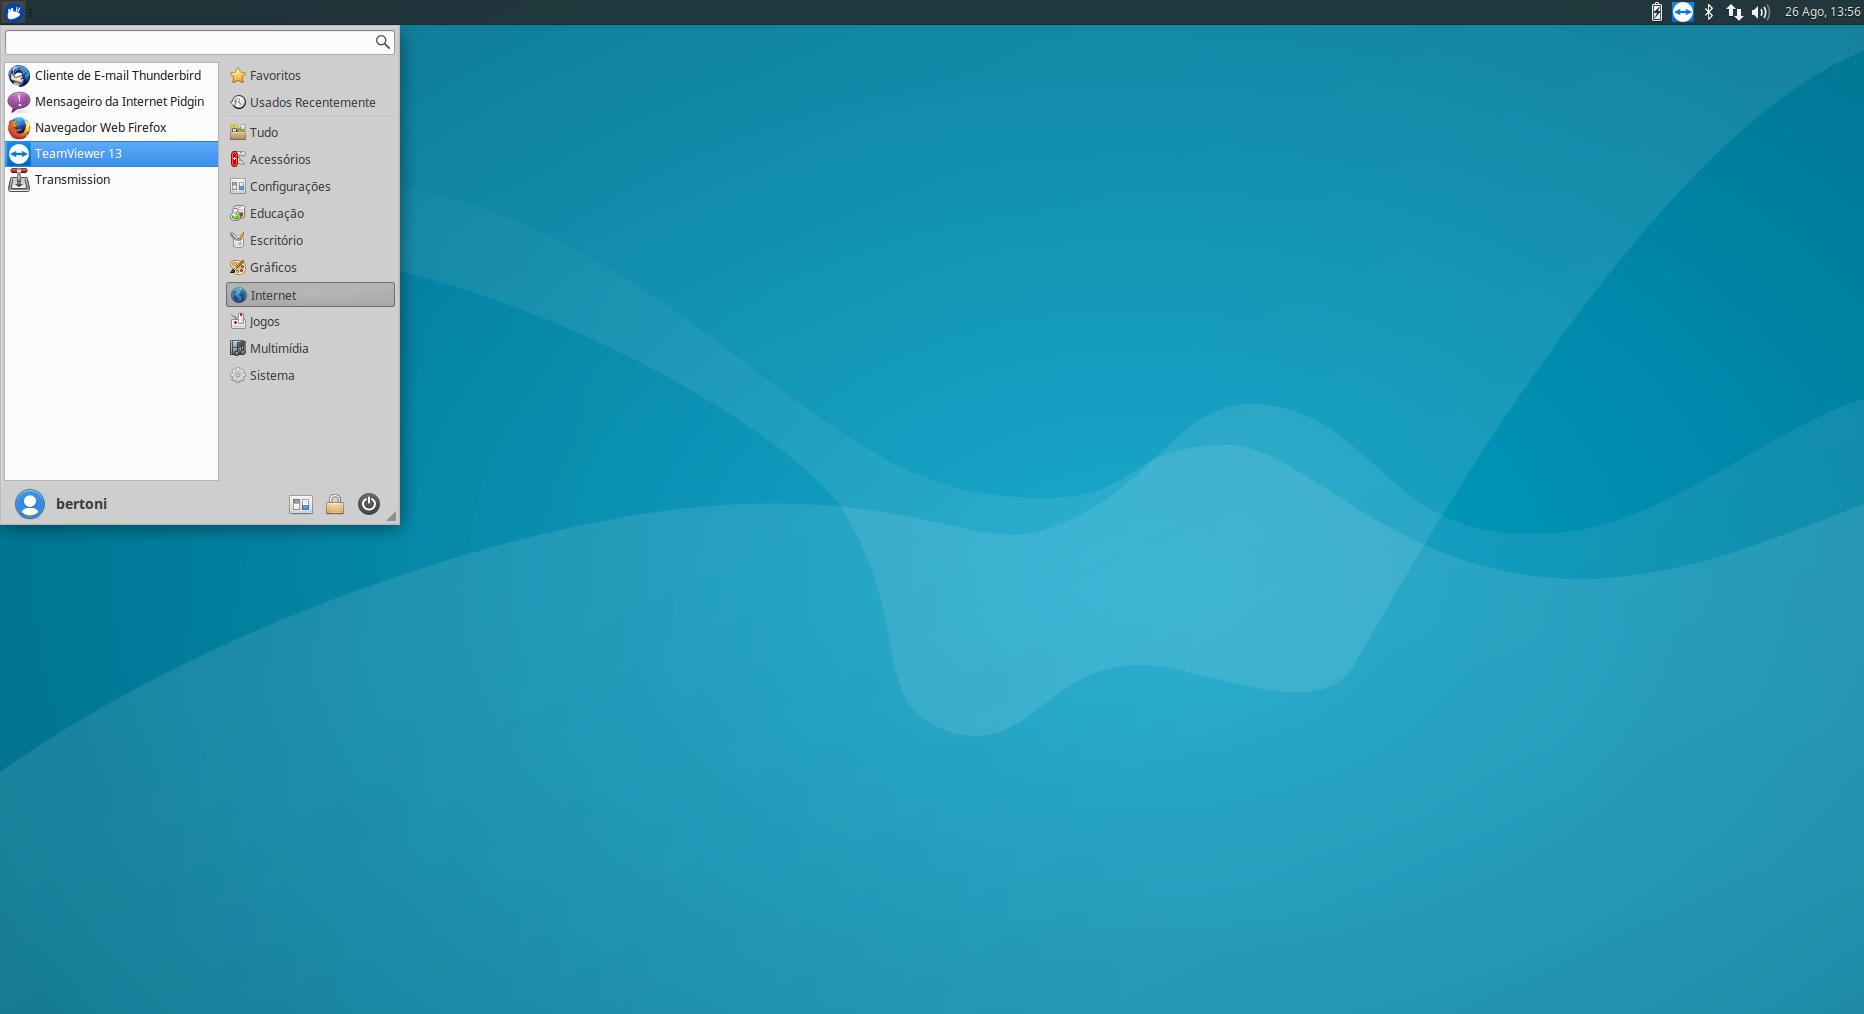 Xubuntu com teamviewer13